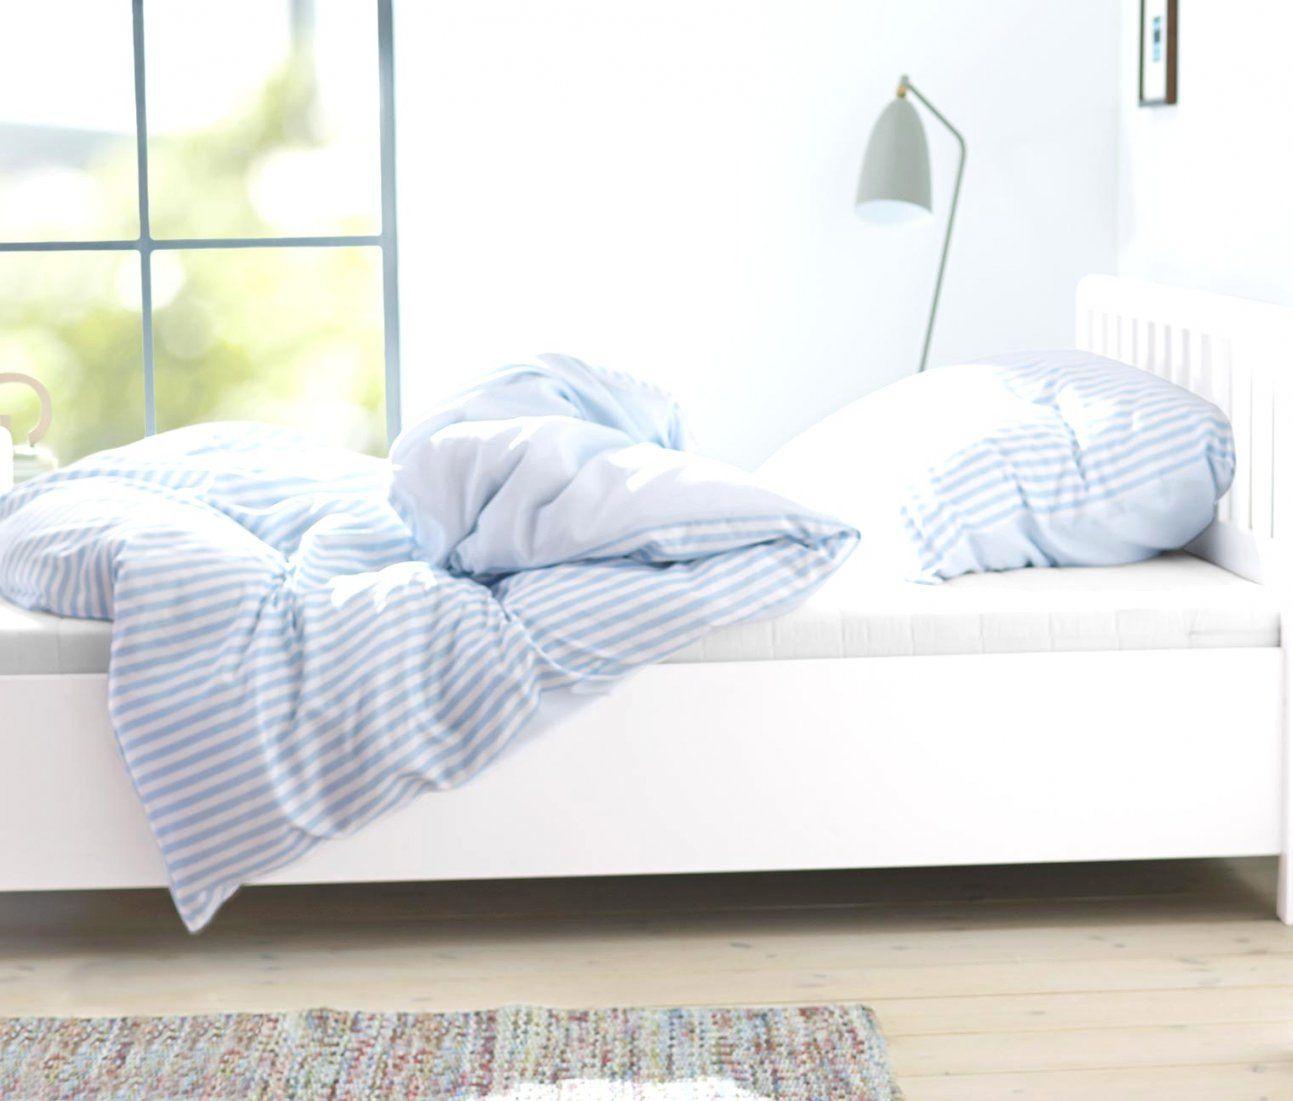 Beeindruckende Ideen Bettwäsche Normale Maße Und Atemberaubende von Bettwäsche Normale Maße Bild